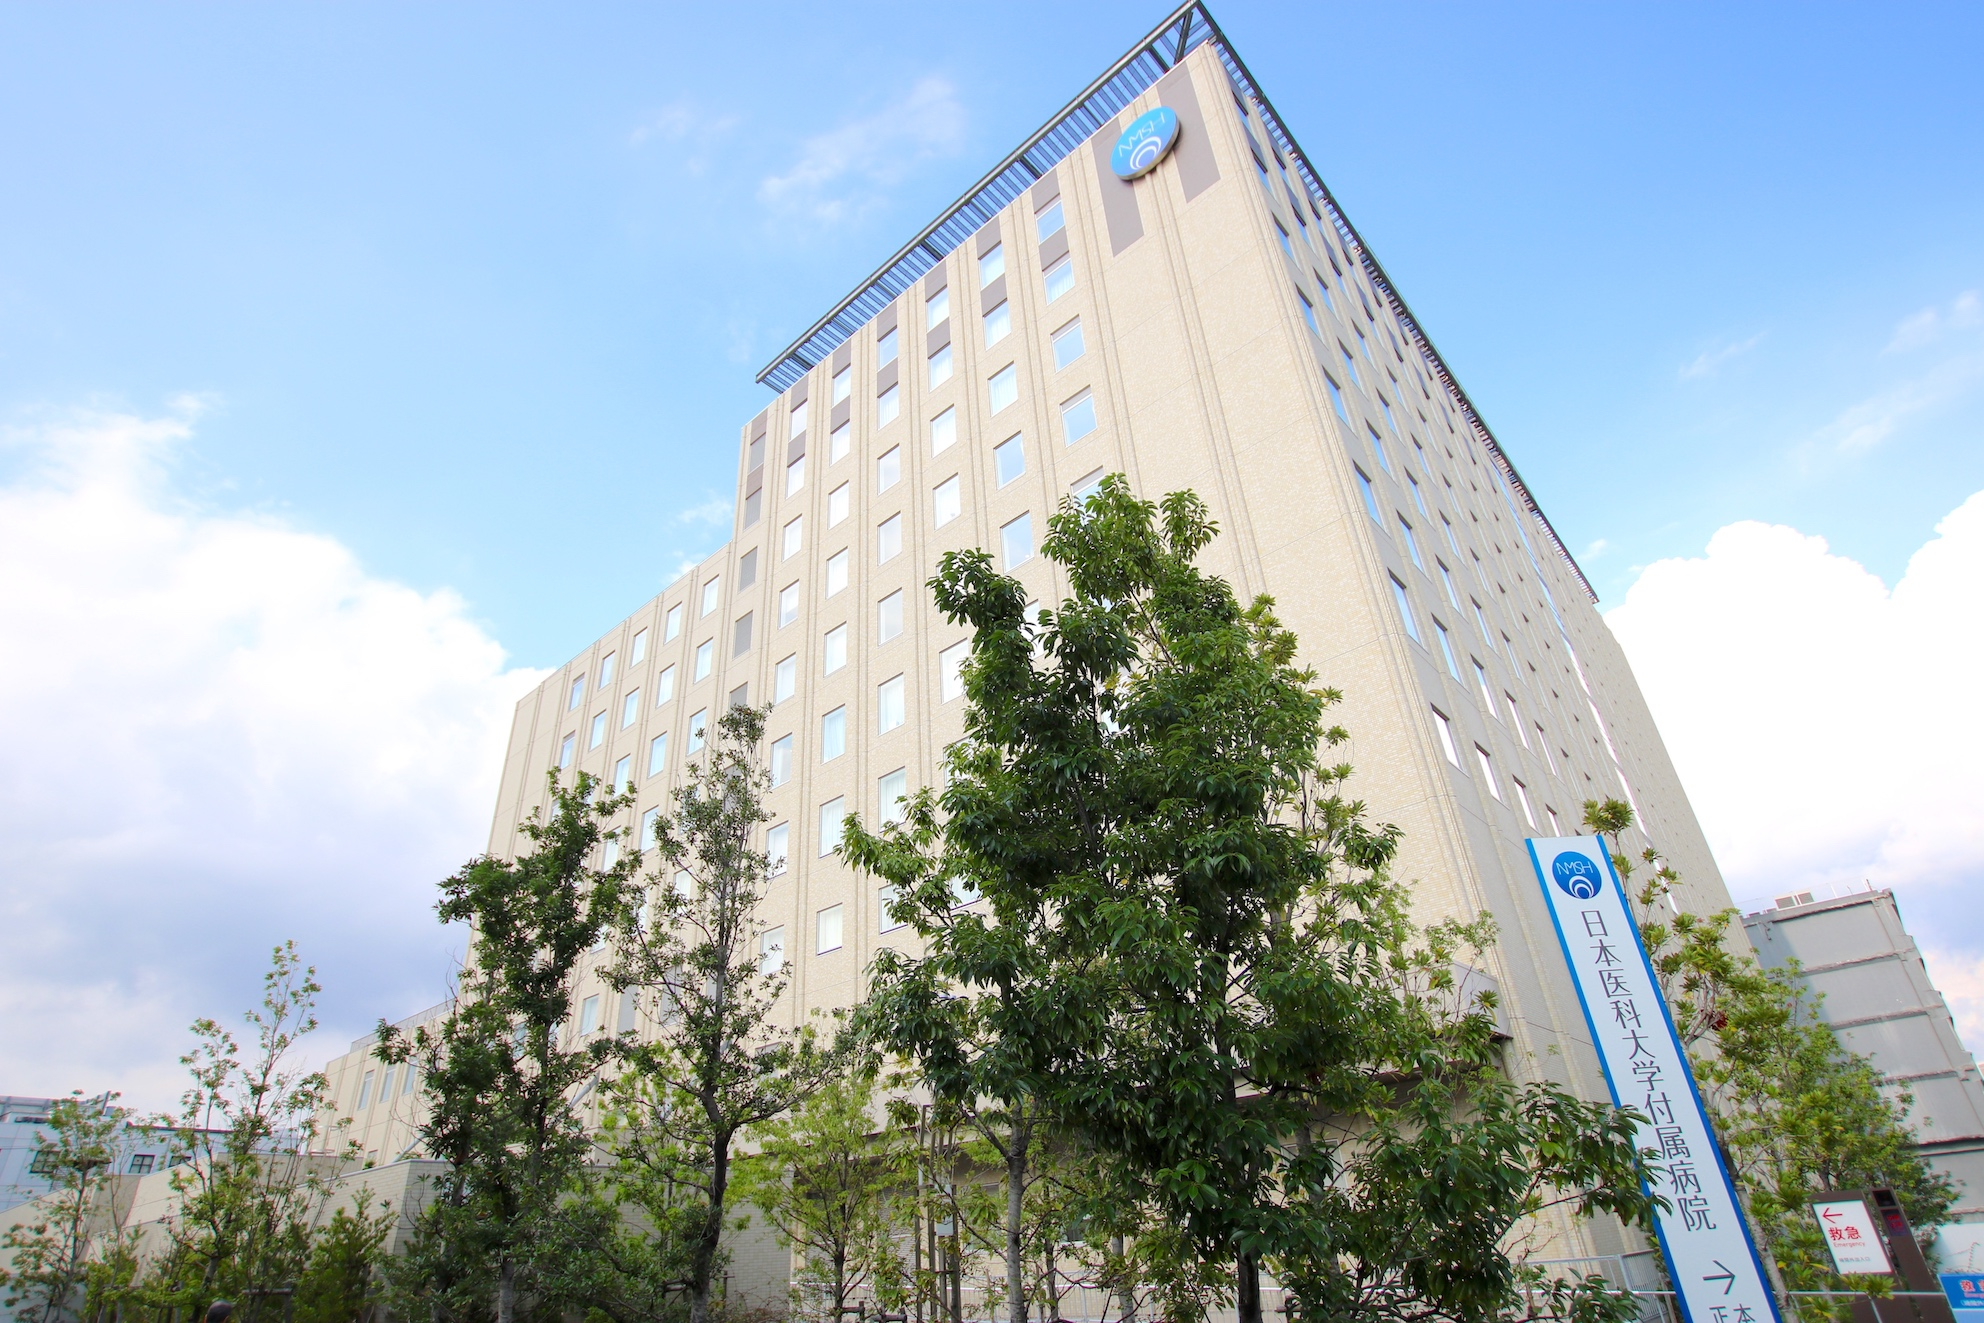 日本医科大学付属病院で配膳と下膳と食事量のチェックをする仕事